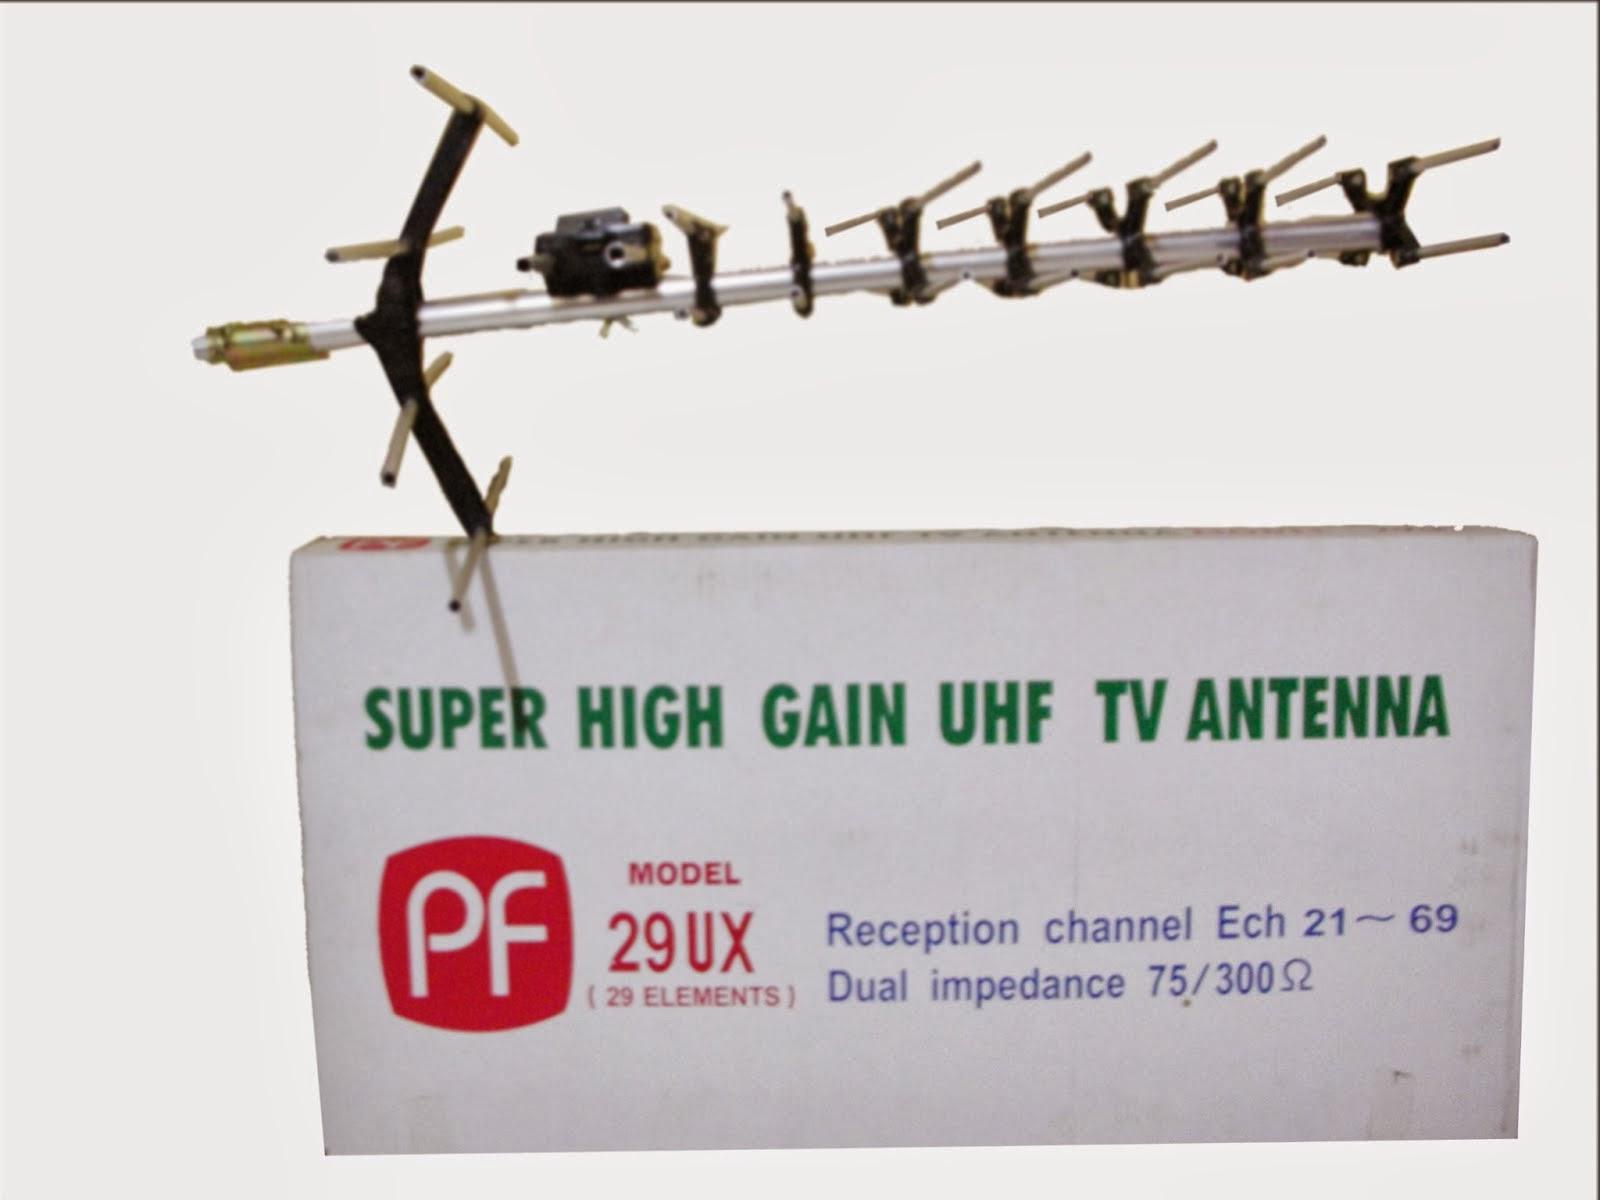 Pasang antena tv,ahli pasang antena tv,jasa pasang antena tv